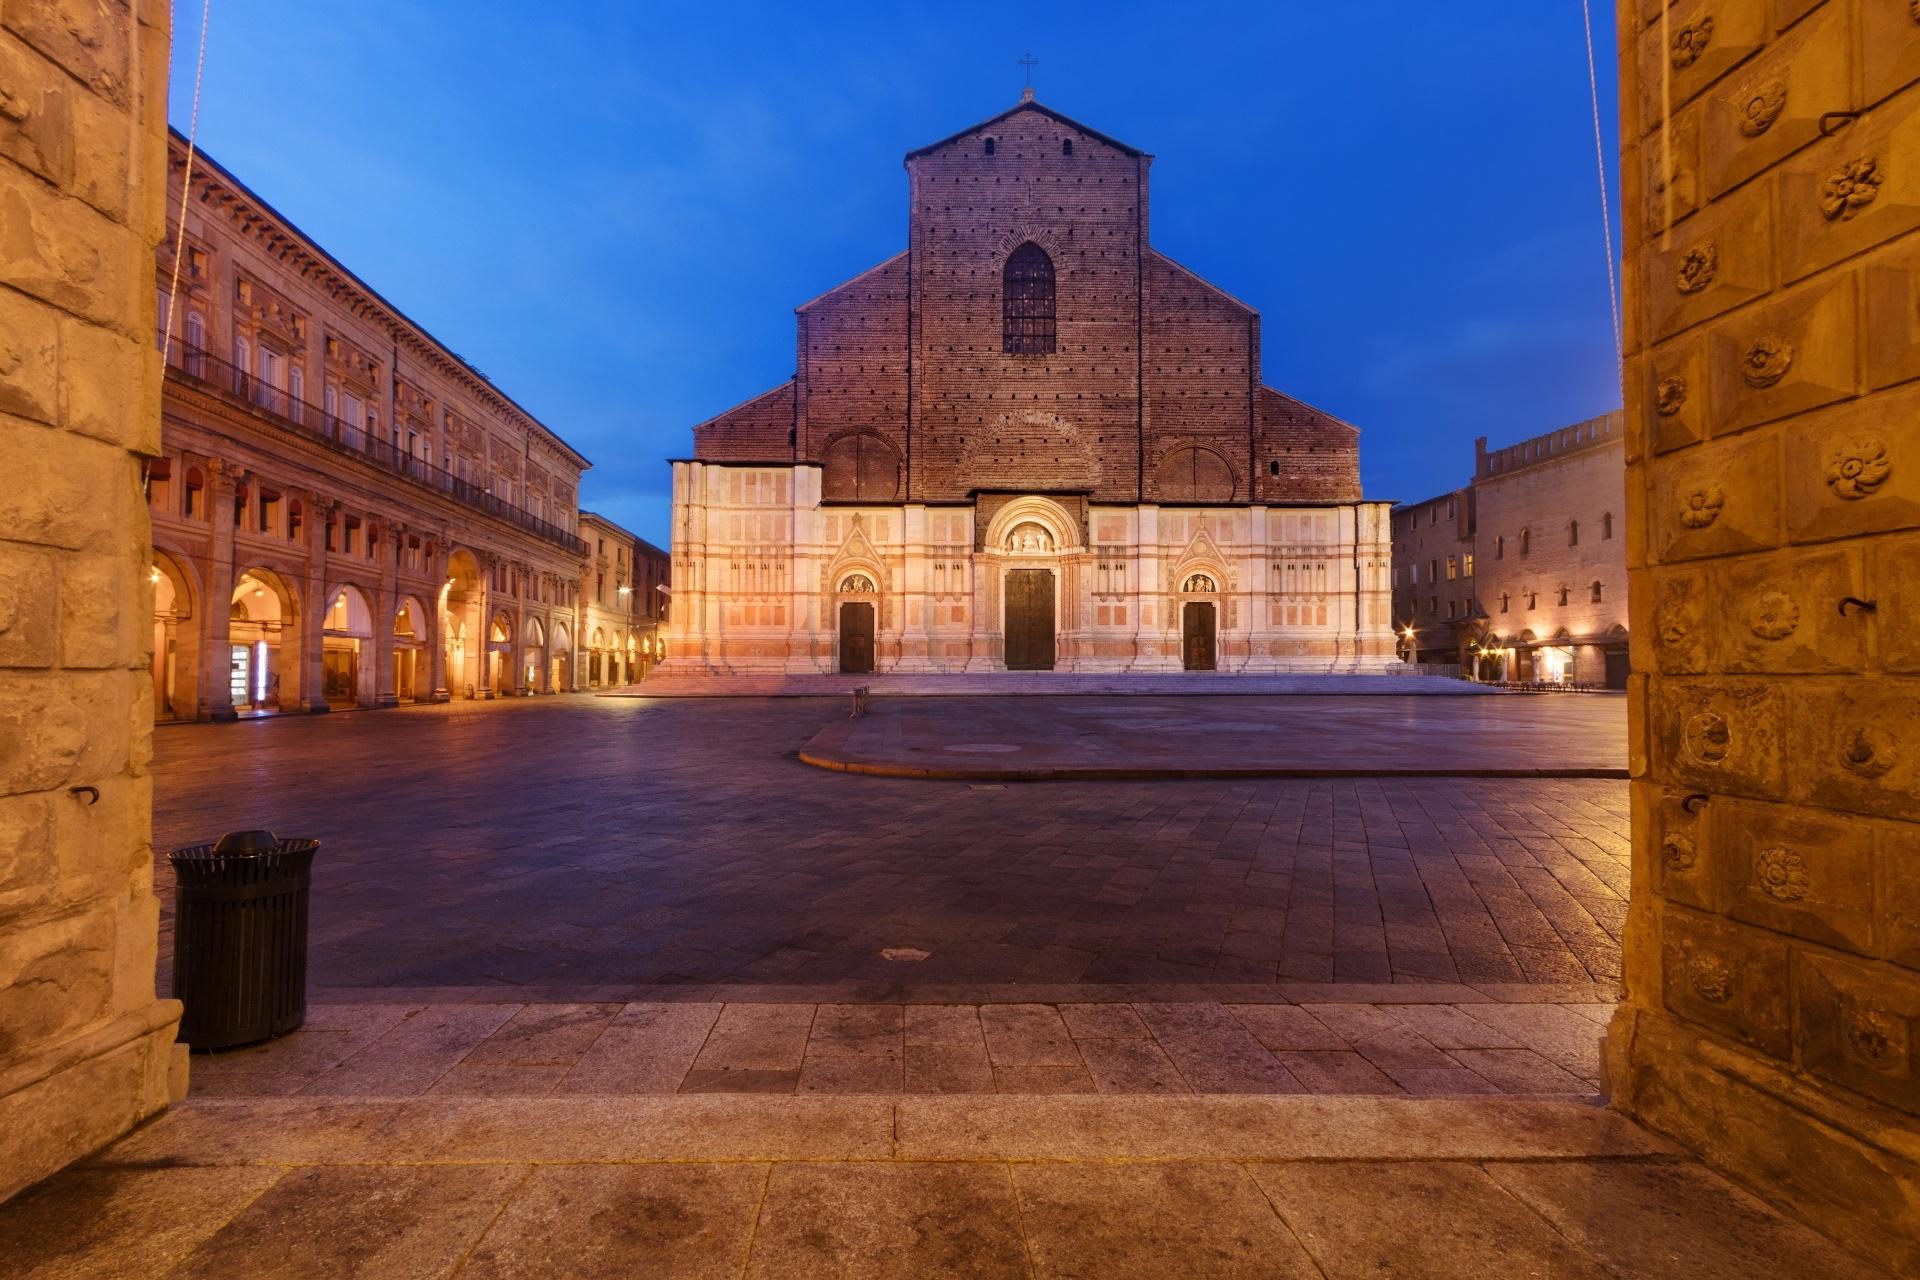 マッジョーレ広場から見る夕暮れのサン・ペトロニオ大聖堂